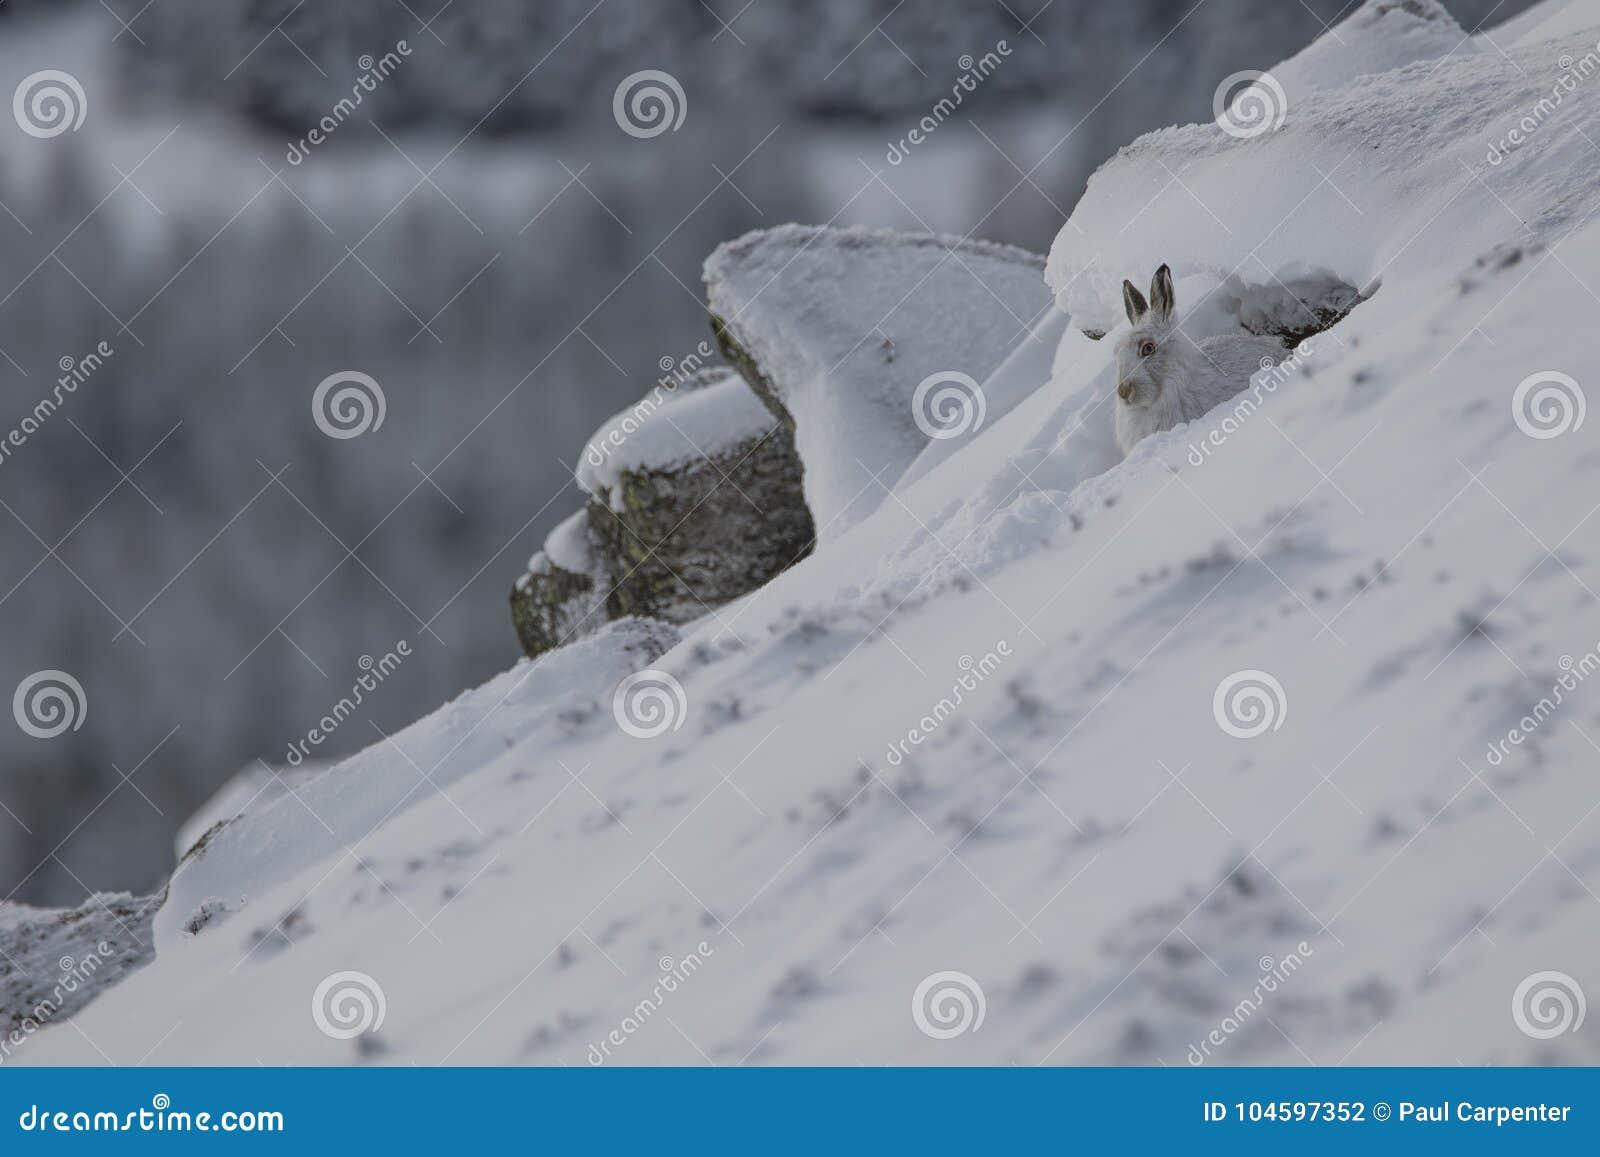 Berghare, Lepustimidus, slut upp ståenden, medan sitta som lägger på snö under vinter i vinter-/sommarlag under autumn/wi